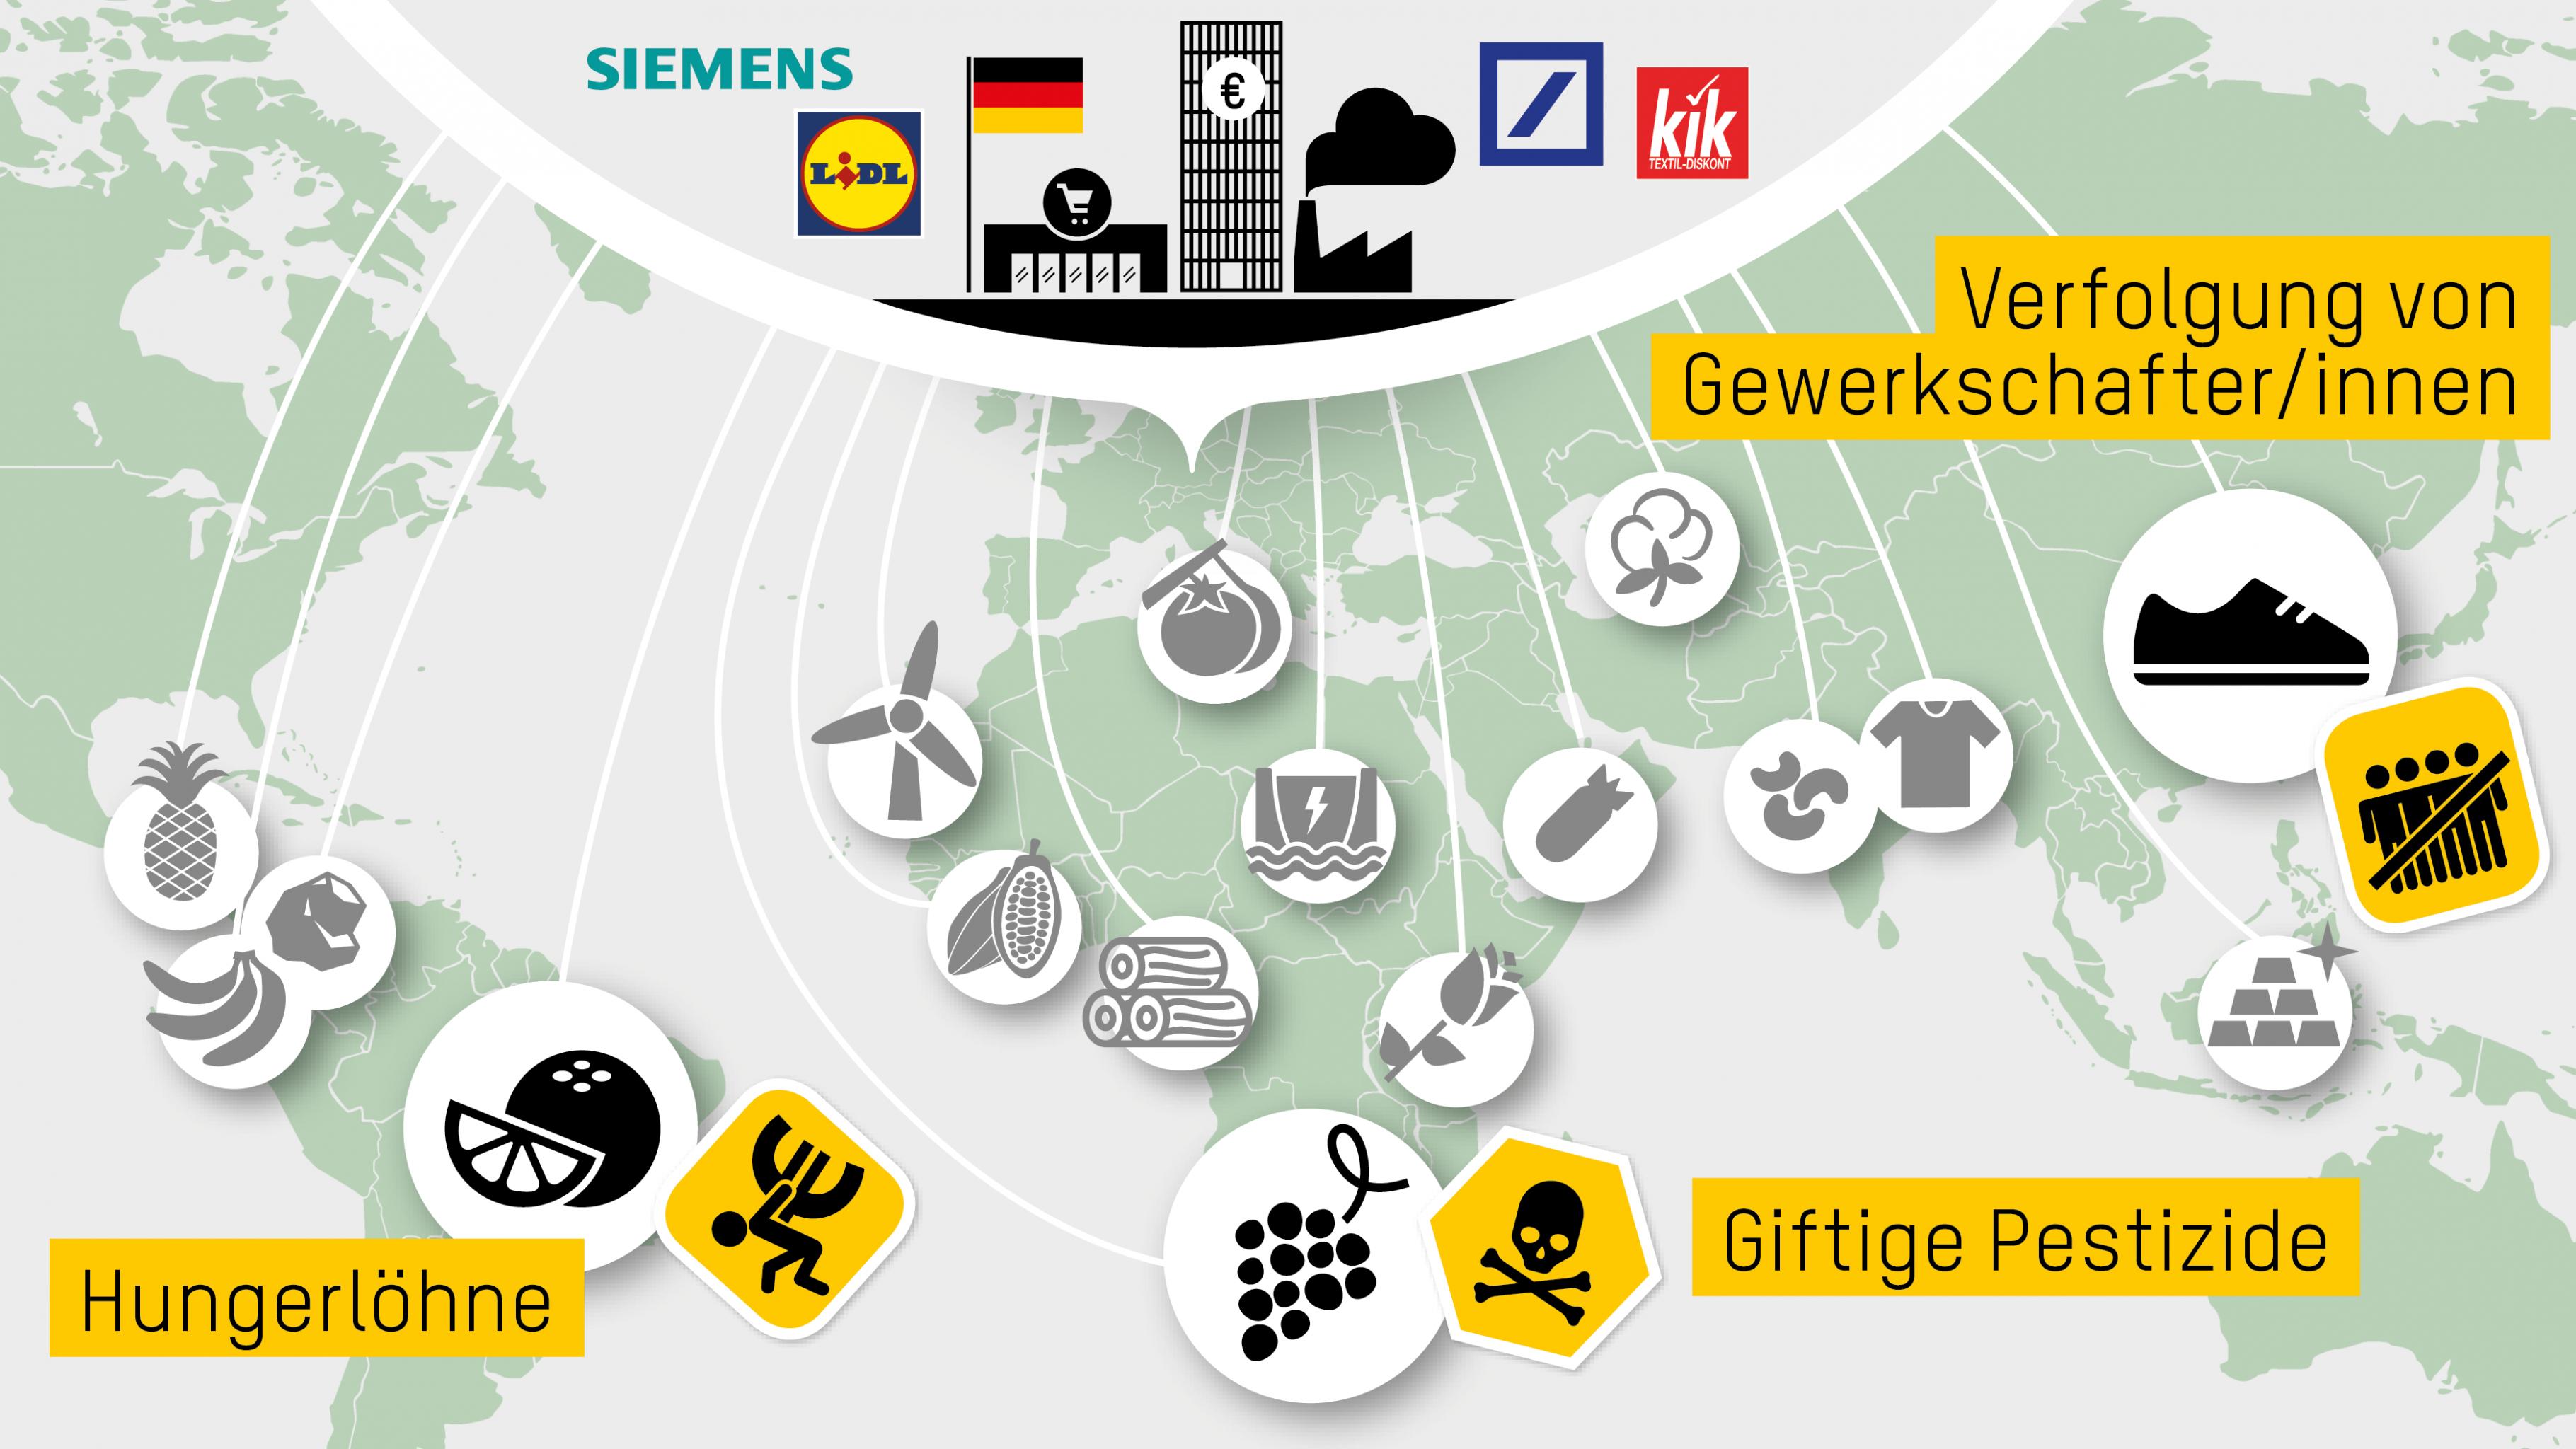 Hungerlöhne, giftige Pestizide, Verfolgung von Gewerkschafter/innen: Deutsche Unternehmen sind weltweit an Menschenrechtsverletzungen beteiligt